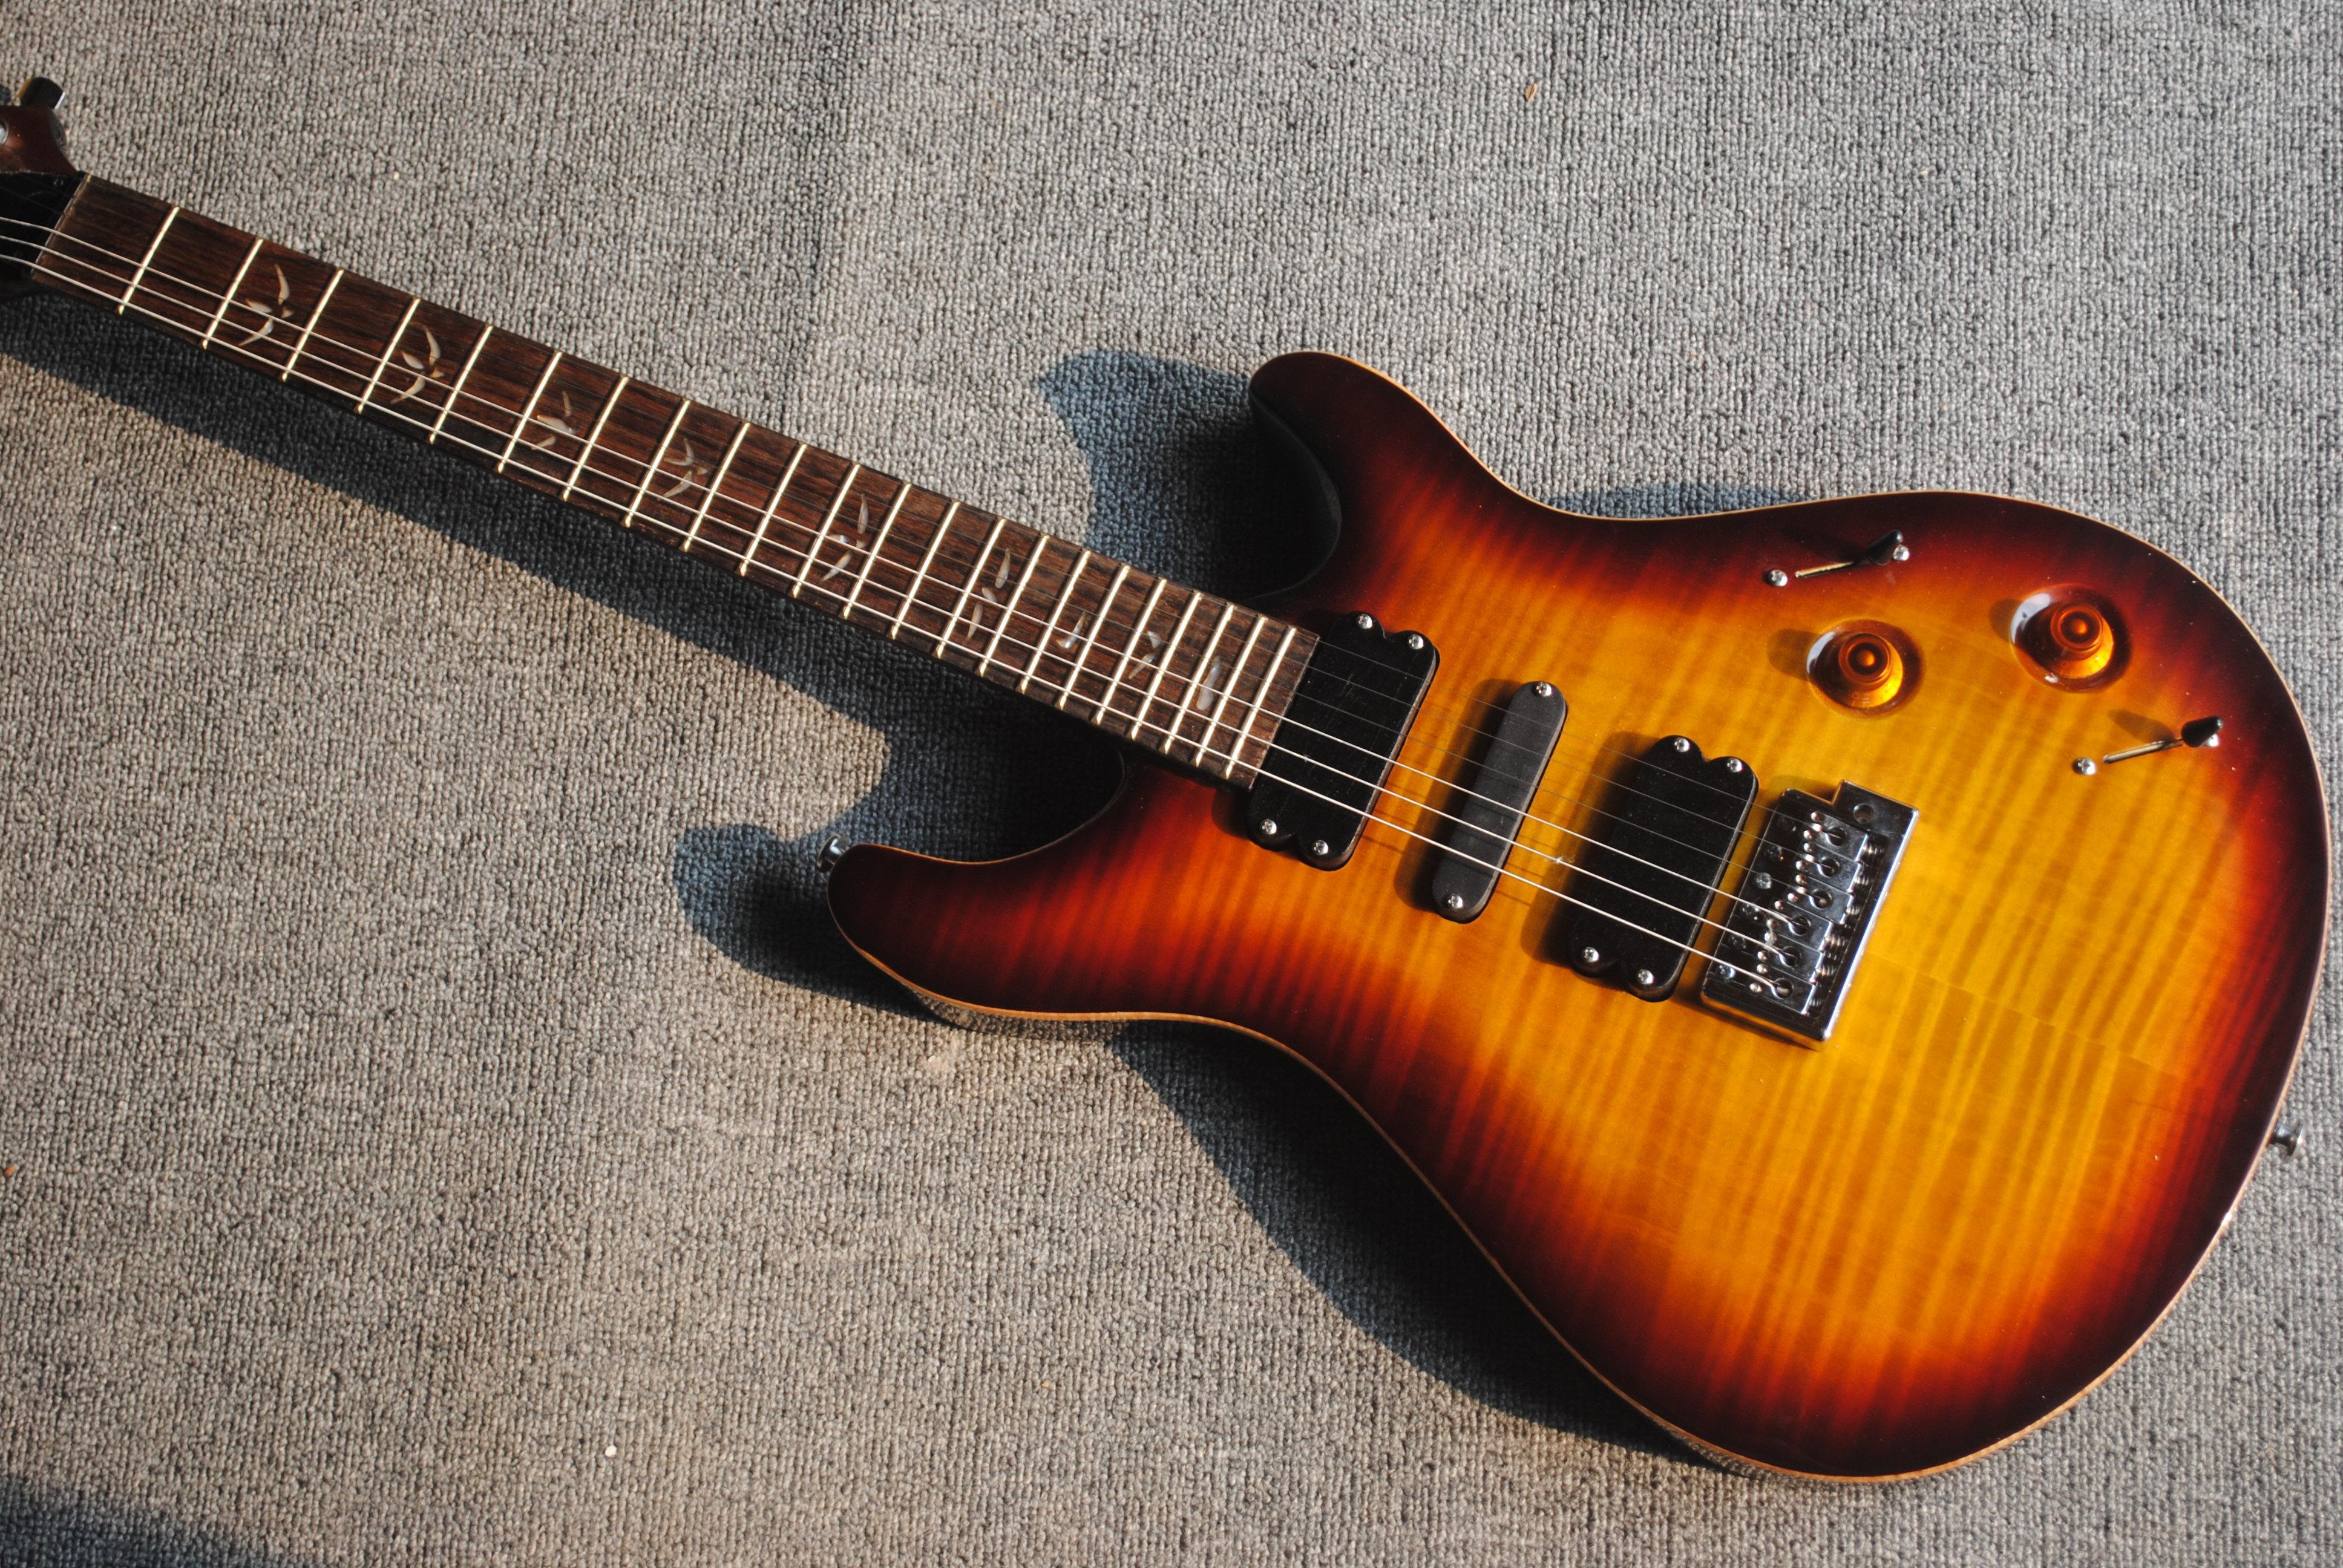 خطوط أفقية جميلة guitar.NPC (يمكن تسليم البضائع، الاتصال بخدمة العملاء) لا يوجد شيء لا يمكننا جعل! K49